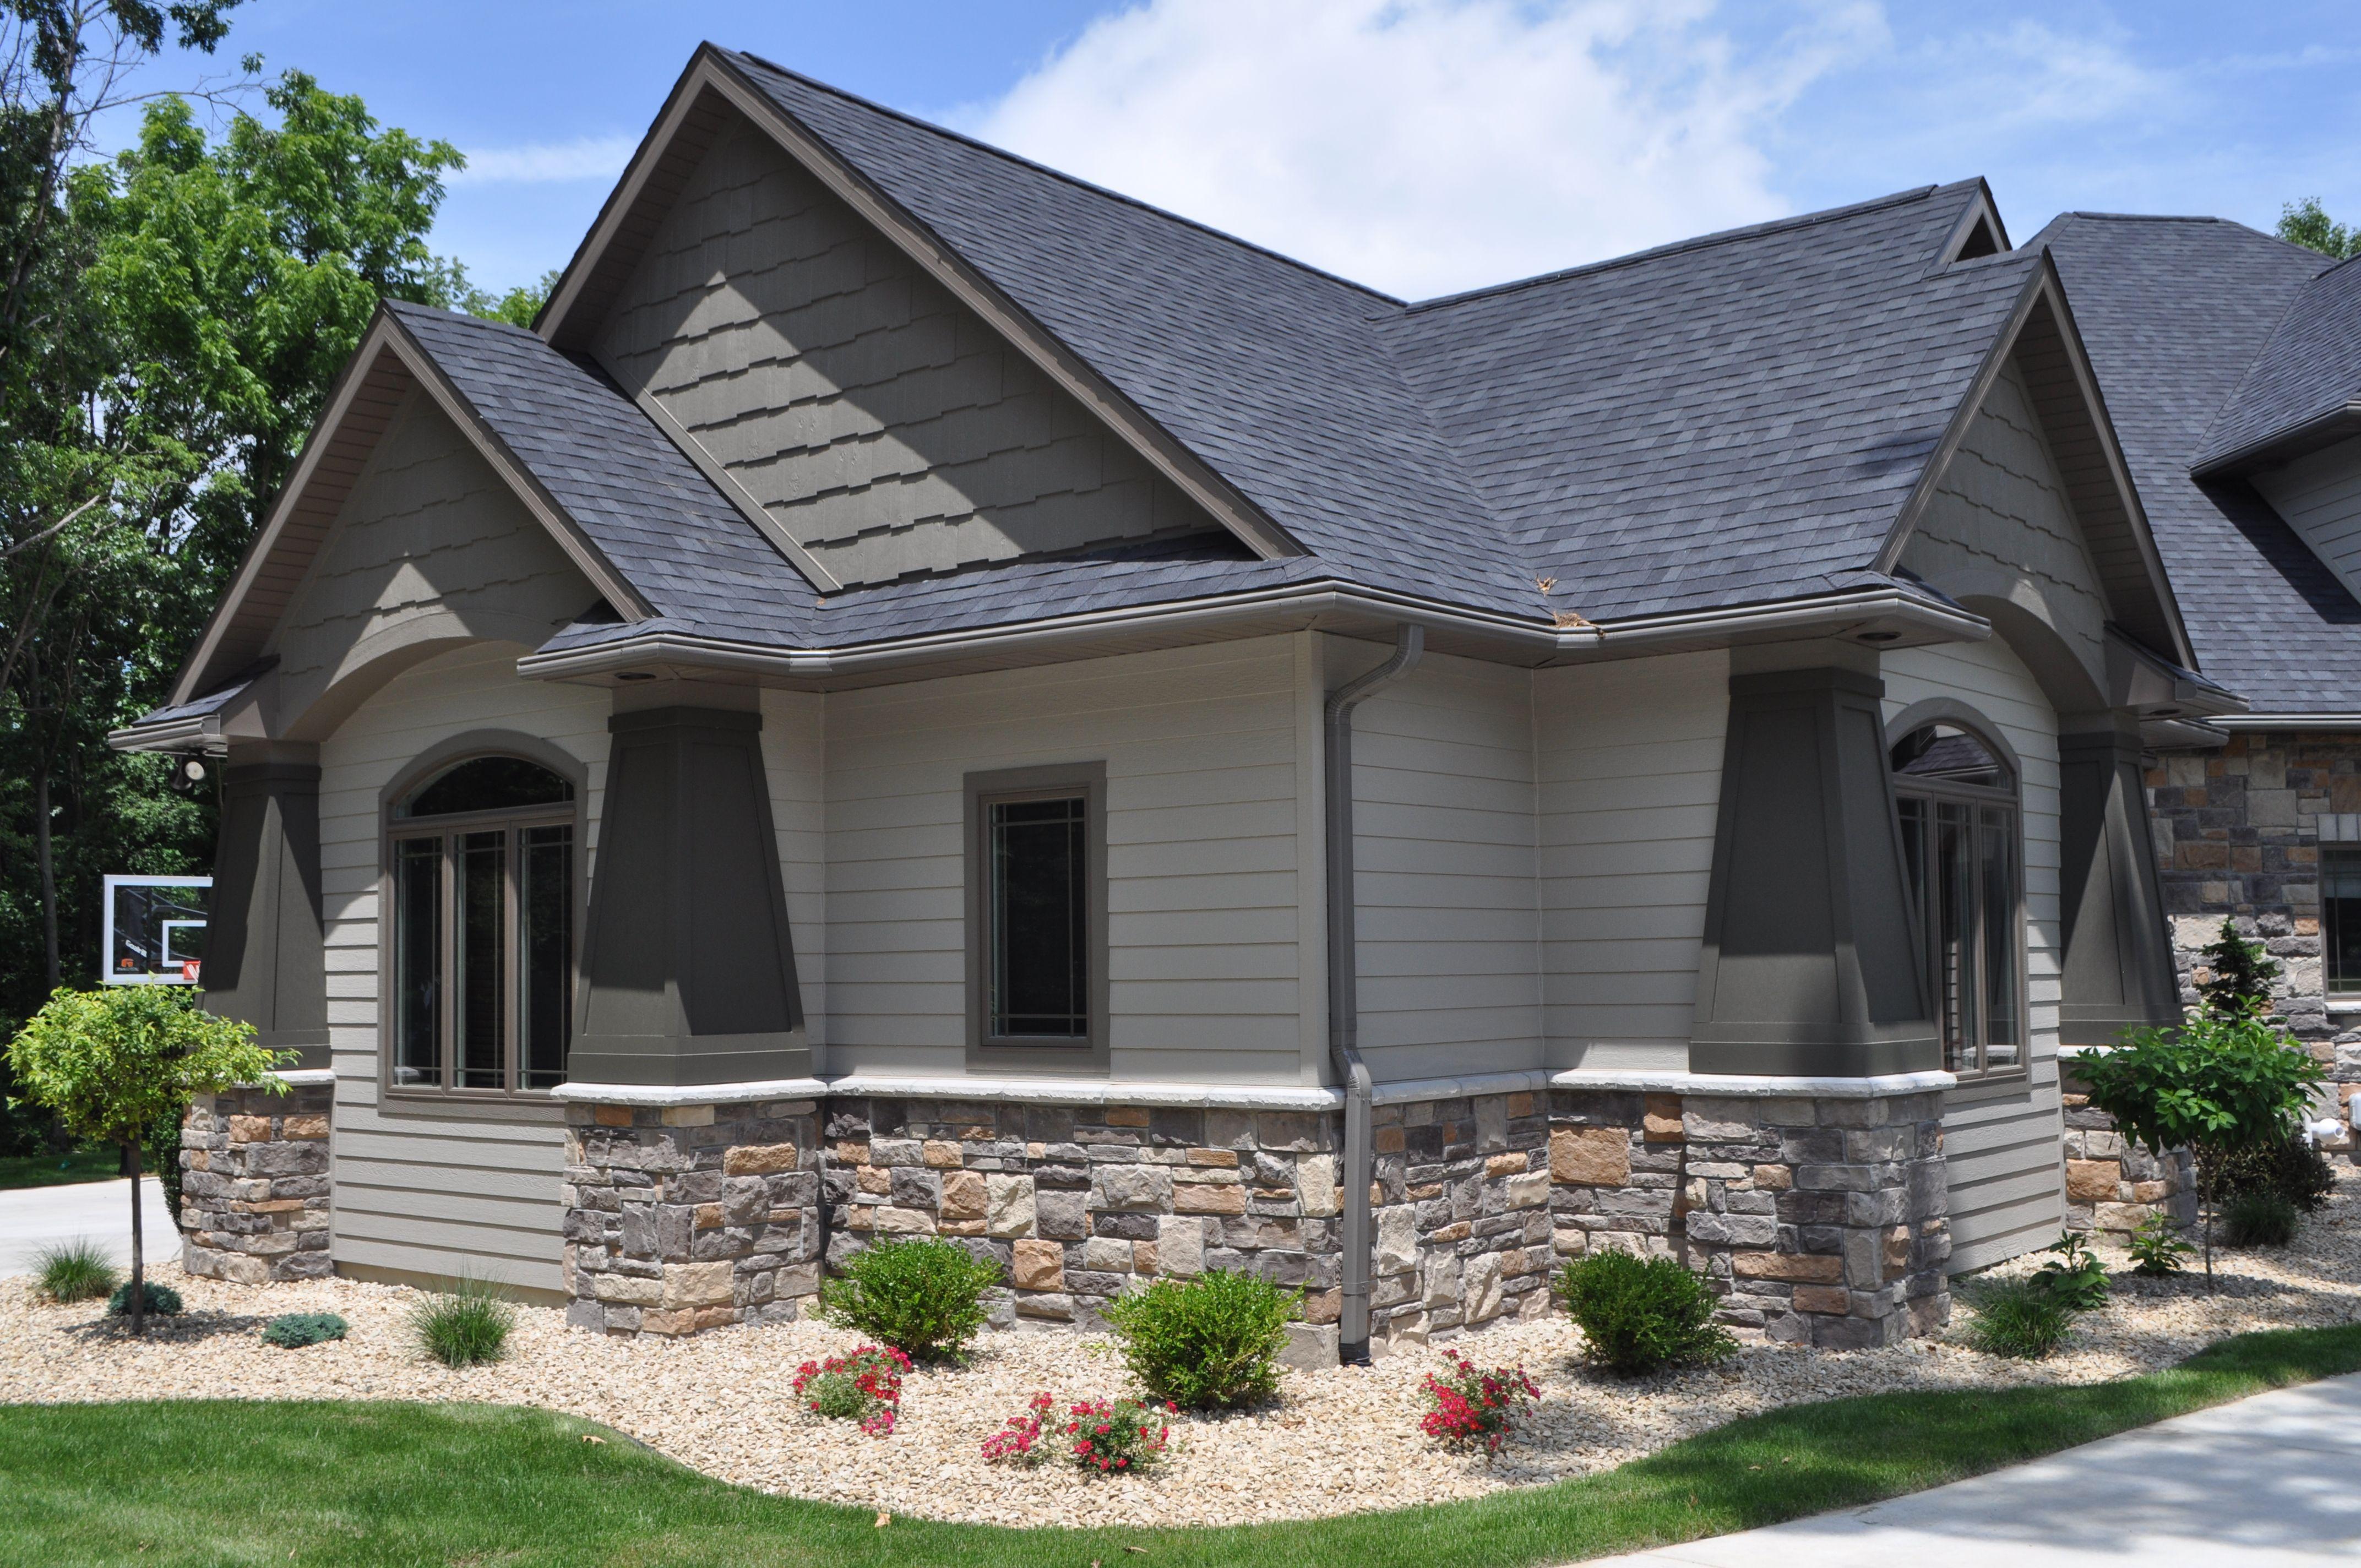 Stone Veneer | House | Pinterest